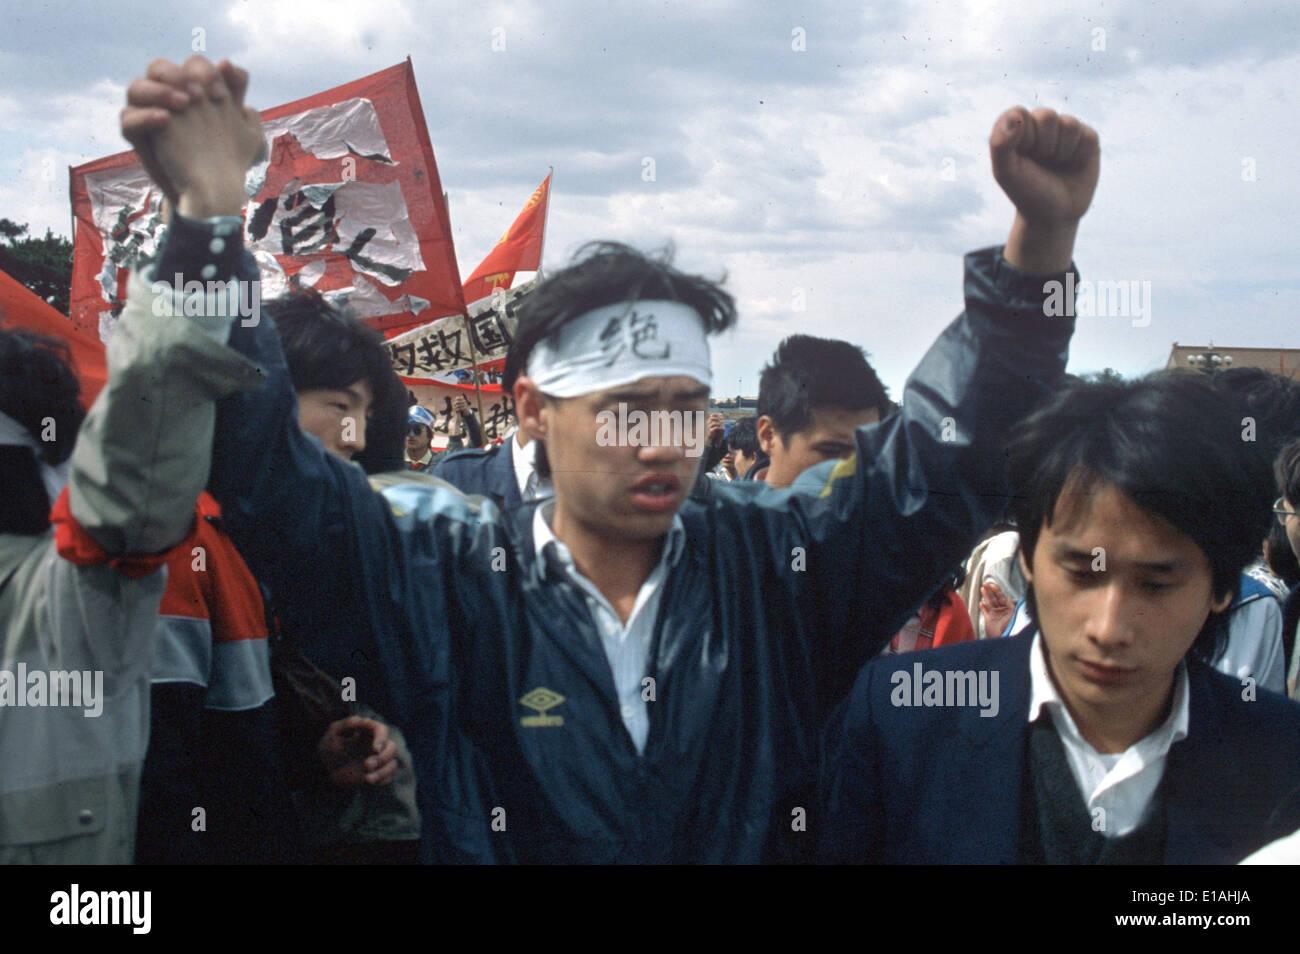 """(Archivo) - Un archivo de imagen, de fecha 13 de mayo de 1989, muestra el líder de las protestas estudiantiles Wuer Kaixi protestando entre una multitud de estudiantes durante una manifestación en la plaza de Tiananmen en Pekín, China. Kaixi lleva una diadema que lee """"Jueshi' (huelga de hambre). Hace 25 años, las protestas aumentaron en China captial pero finalmente fueron golpeados violentamente. Foto: Edgar Bauer/dpa Imagen De Stock"""